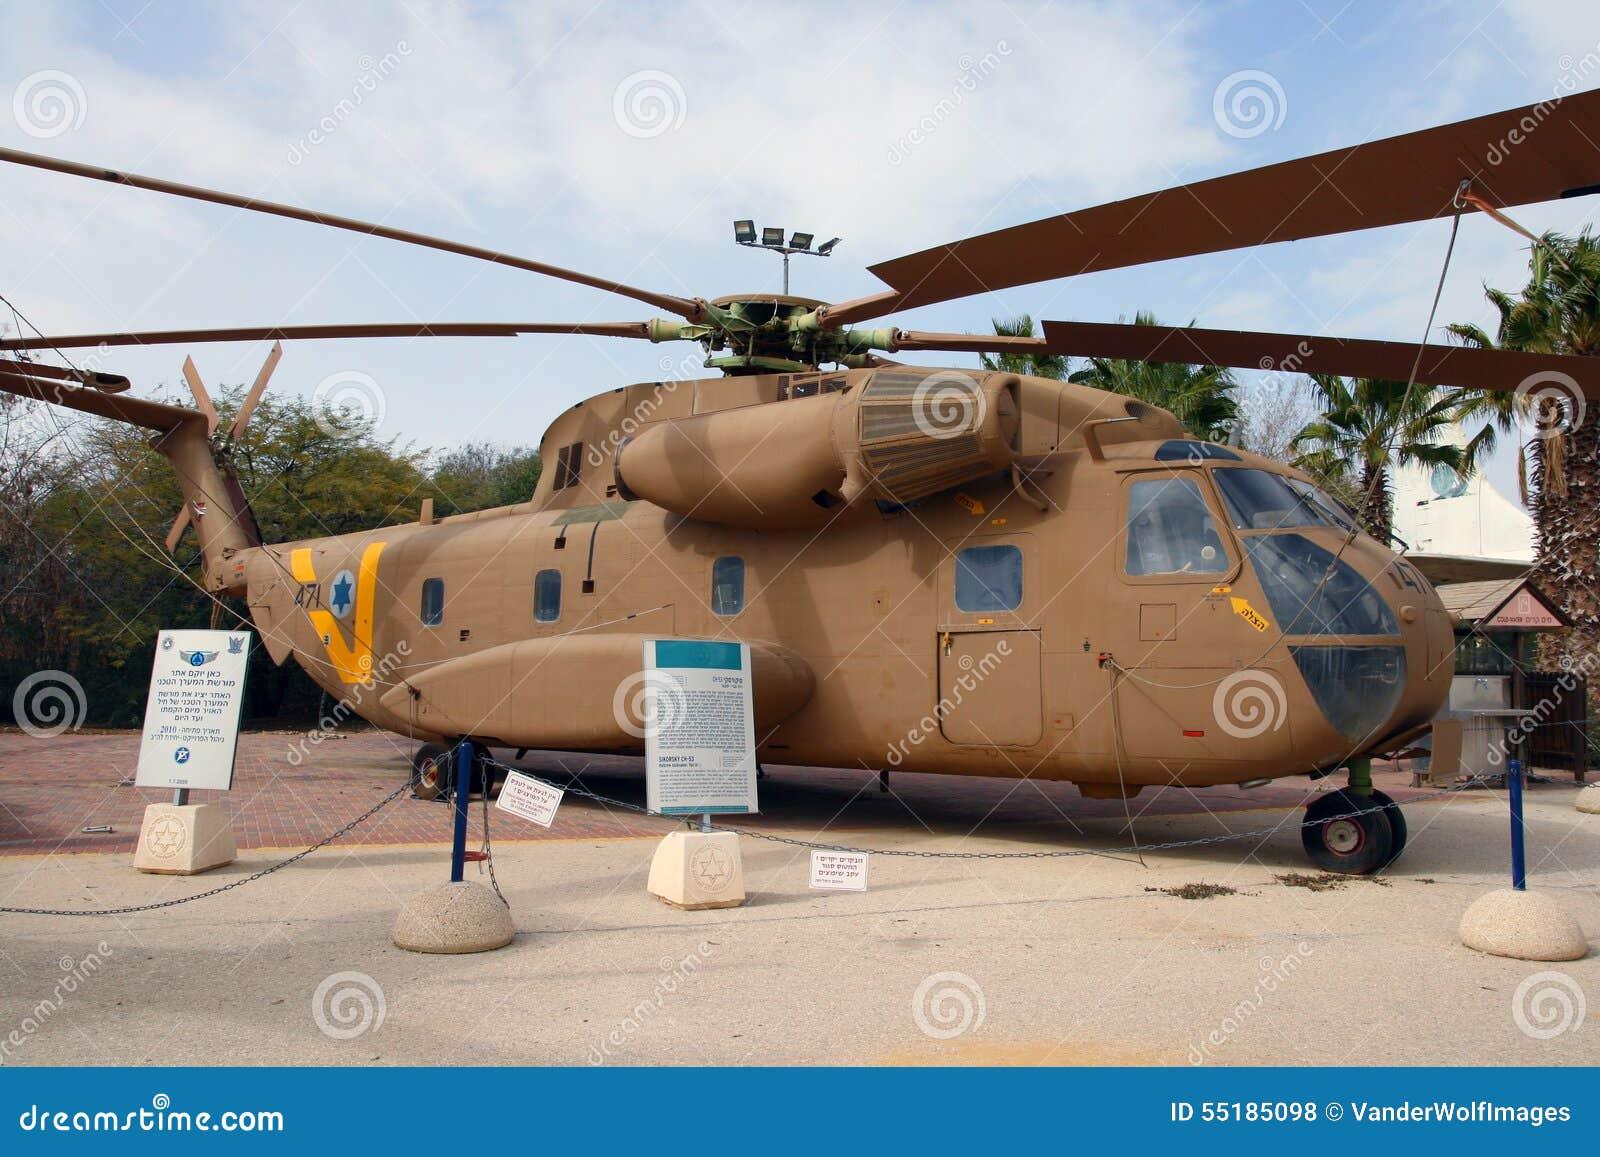 Elicottero Ch : Elicottero di trasporto di sikorsky ch fotografia stock